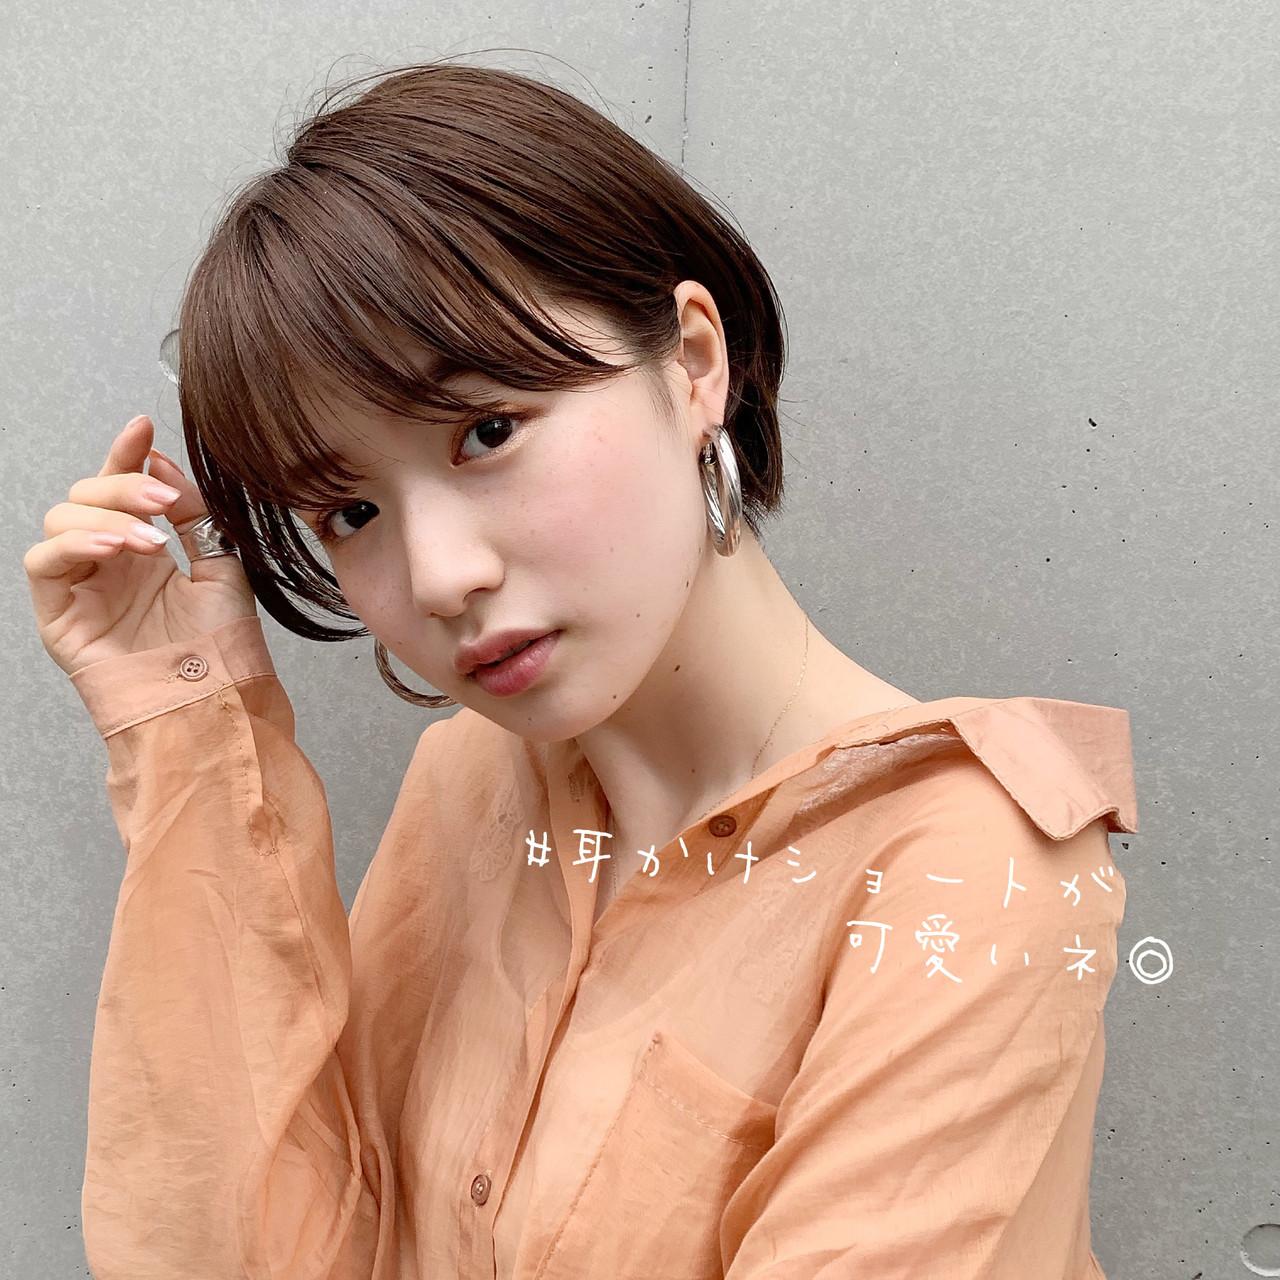 ショート ナチュラル ミニボブ ショートボブ ヘアスタイルや髪型の写真・画像 | Natsuko Kodama 児玉奈都子 / dydi